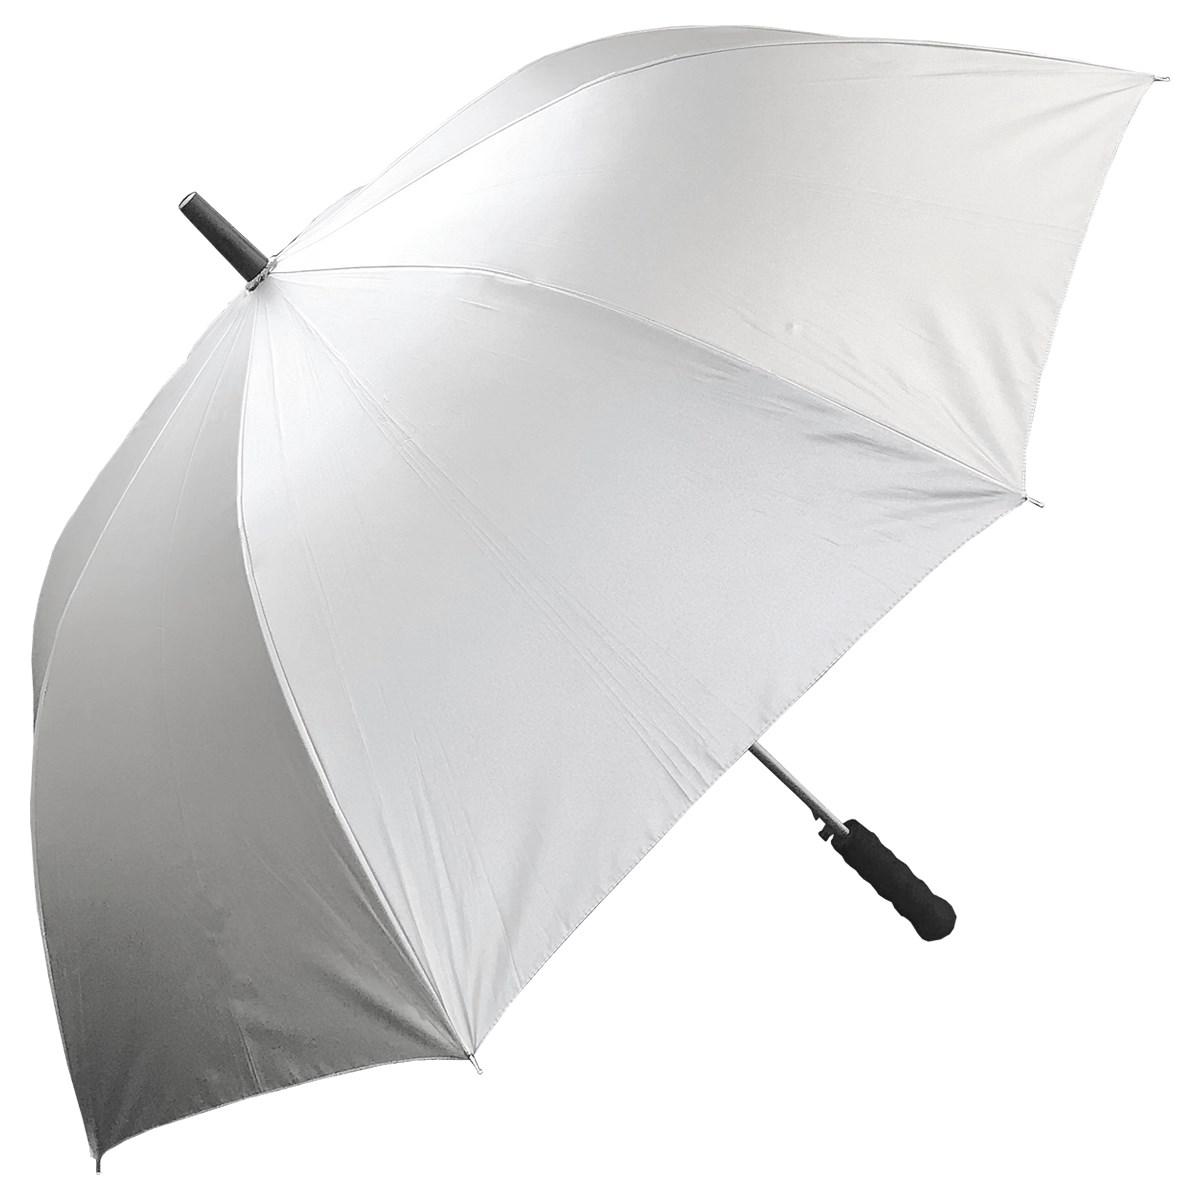 飛衛門 TOBIEMON 晴雨兼用・男女兼用 UVゴルフ傘 シルバー